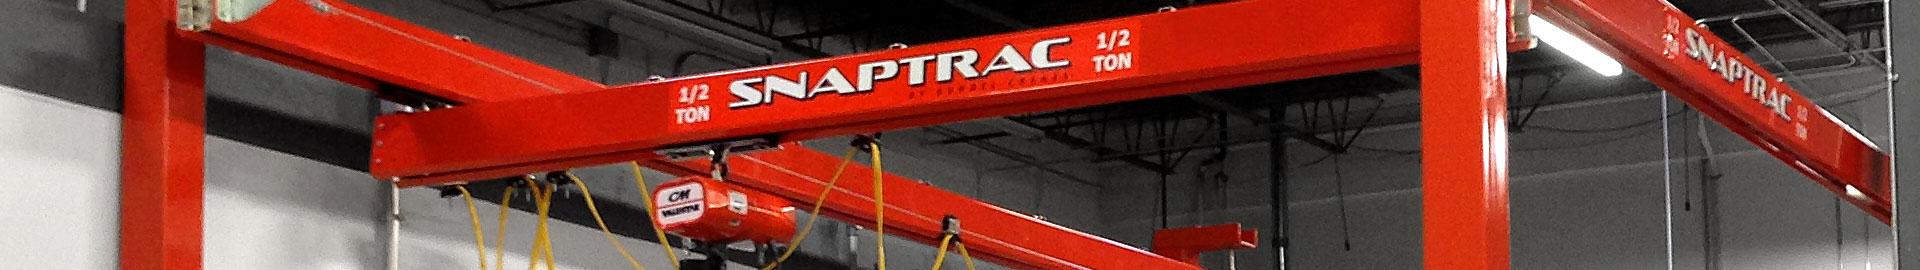 http://www.snaptrac.com/sites/default/files/revslider/image/Snaptrac-Cranes-Banner-Kundel-Inc.jpg